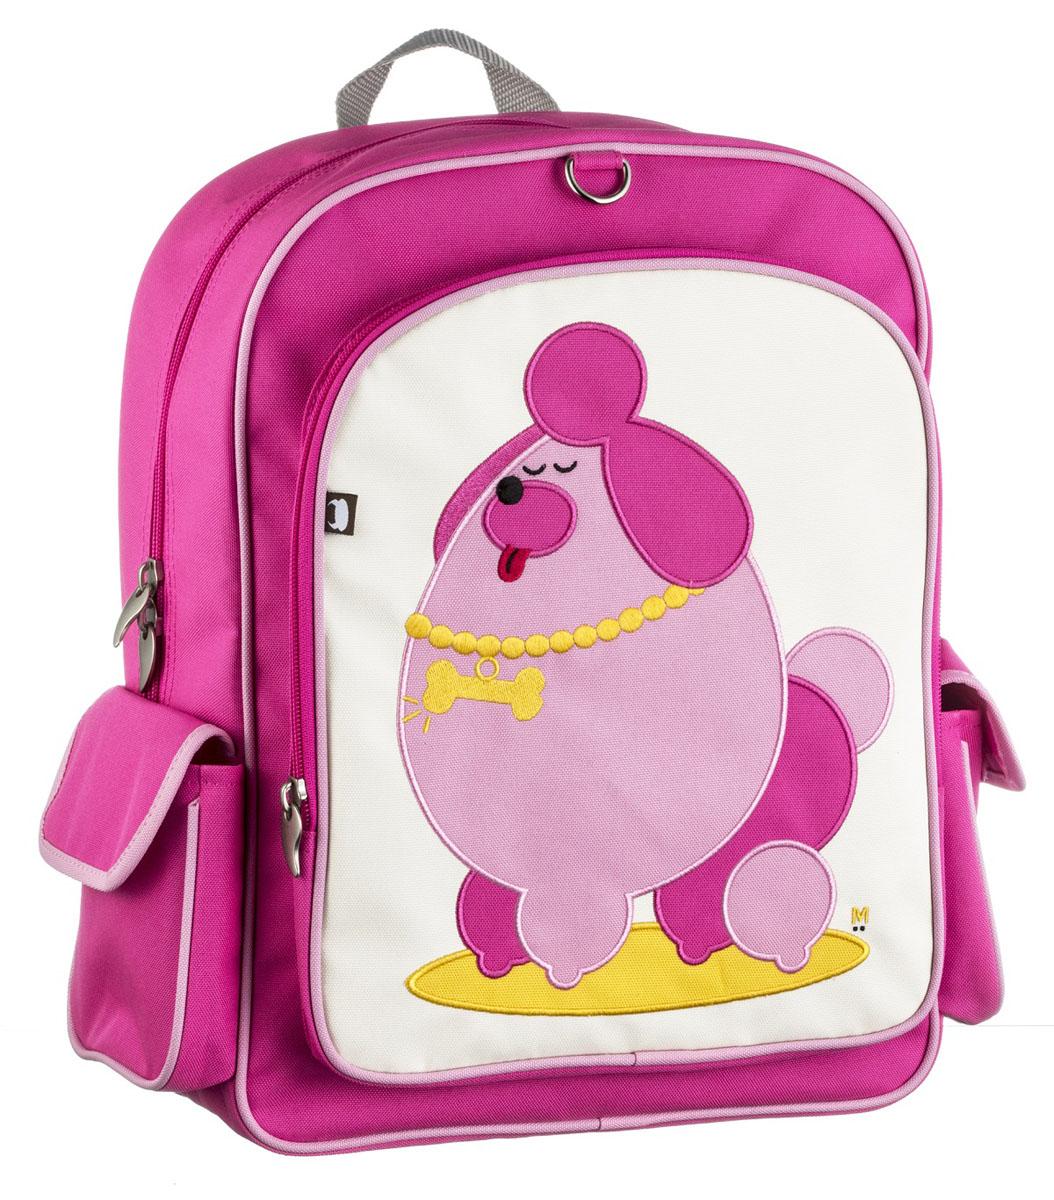 Рюкзак детский Beatrix Big Kid Pocchari-Poodle, цвет: молочный, розовый, желтыйAP-7529-21Рюкзак Beatrix Pocchari-Poodle изготовлен из износоустойчивого нейлона ярких расцветок. Рюкзак оформлен вышитой аппликацией с изображением забавного животного. Рюкзак состоит из вместительного отделения, закрывающегося на застежку-молнию с двумя бегунками. Бегунки застежки дополнены металлическими держателями. На лицевой стороне рюкзака один большой накладной карман на молнии. Внутри отделения находится дополнительный кармашек на застежке-молнии. На задней стенке рюкзака имеется нашивка, на которой можно указать данные владельца. По бокам рюкзака имеются два накладных кармашка, закрывающихся на клапан с липучкой. Мягкие широкие лямки позволяют легко и быстро отрегулировать рюкзак в соответствии с ростом. Спинка рюкзака и лямки прошиты для дополнительного комфорта при эксплуатации. Рюкзак оснащен удобной текстильной ручкой для переноски в руке. Достаточно вместительный для того, чтобы в них поместились учебники, ноутбук, школьный завтрак и остальной арсенал школьника....